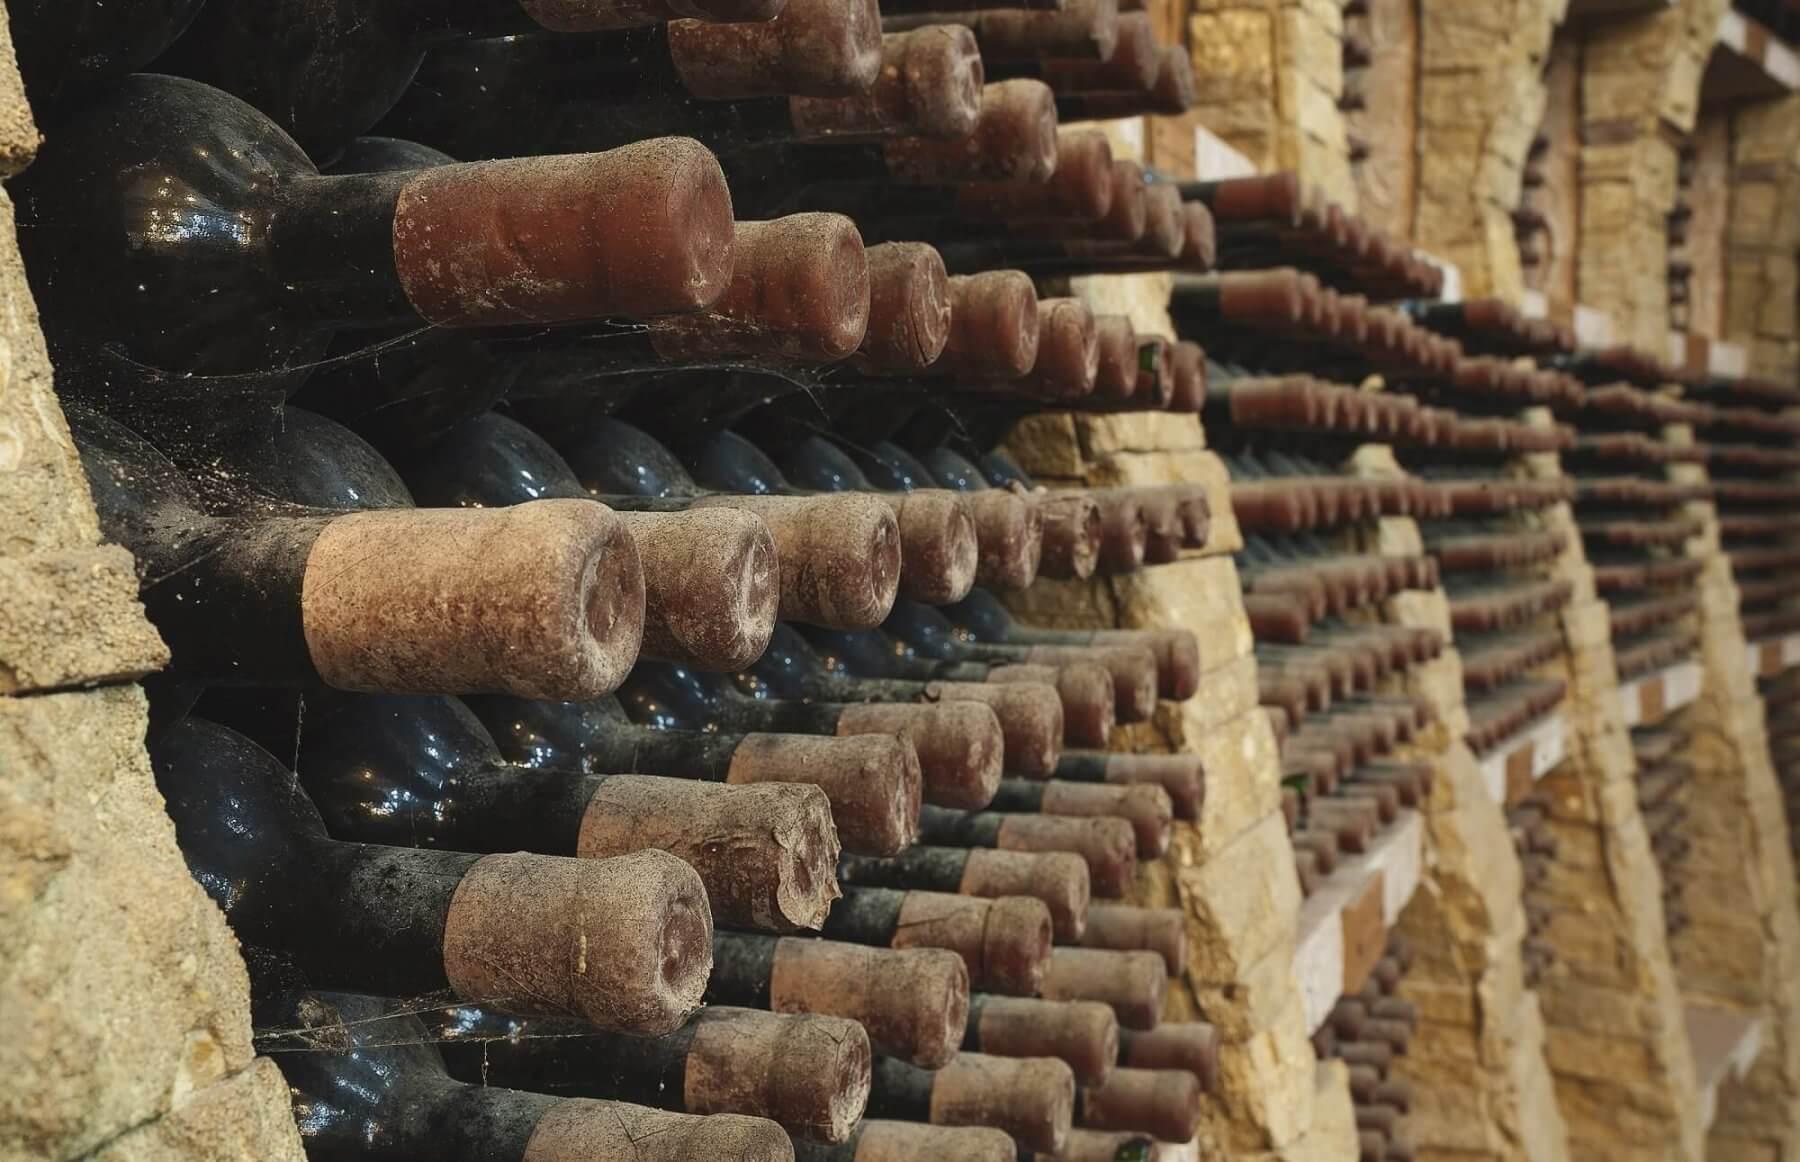 Kolacja, zwiedzanie winnicy i degustacja wina dla 2 osób